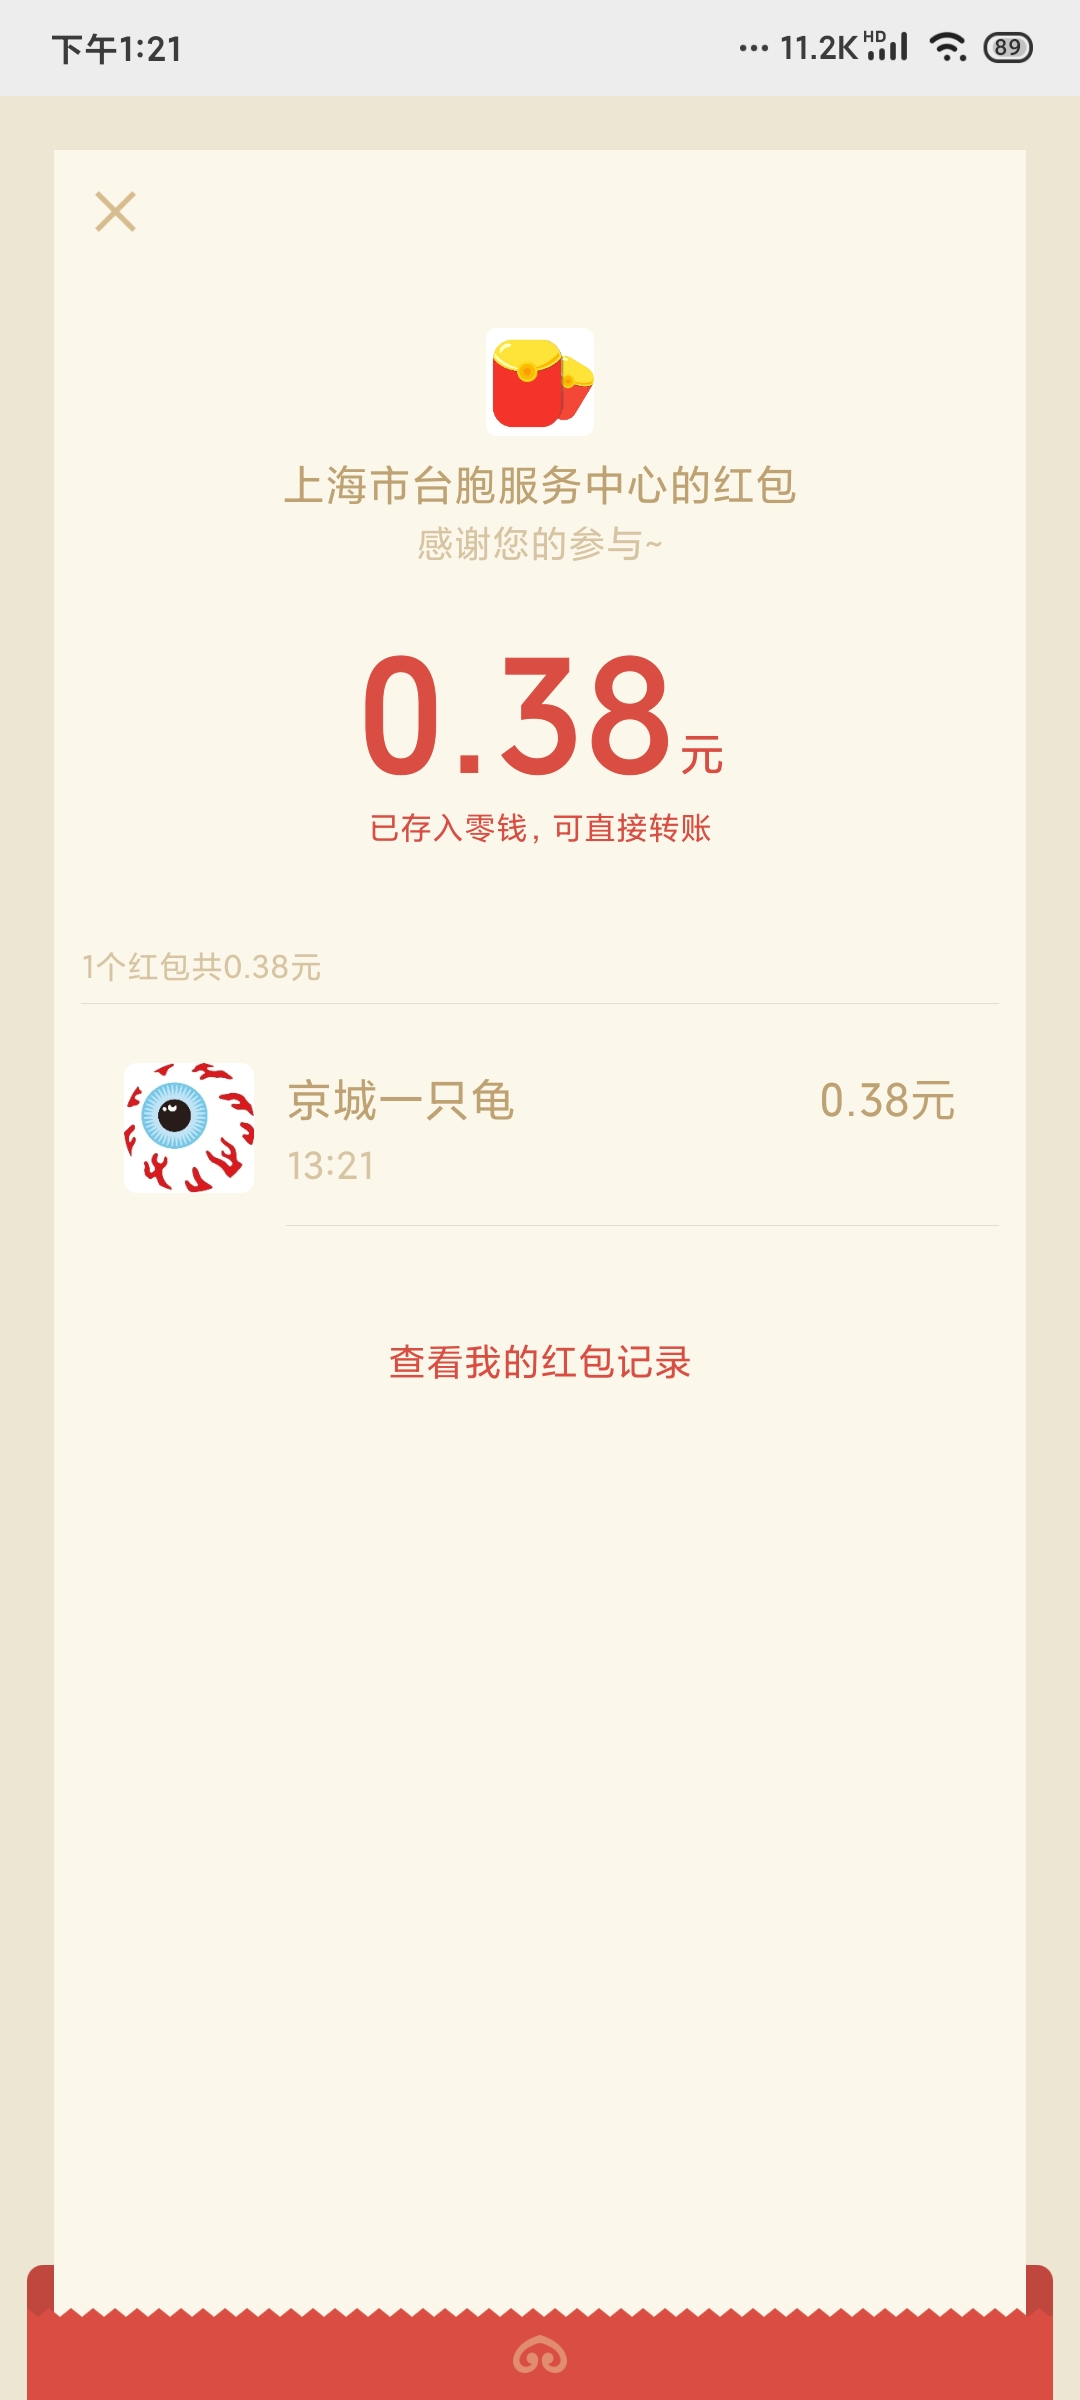 上海市台胞服务中心元宵节抽红包